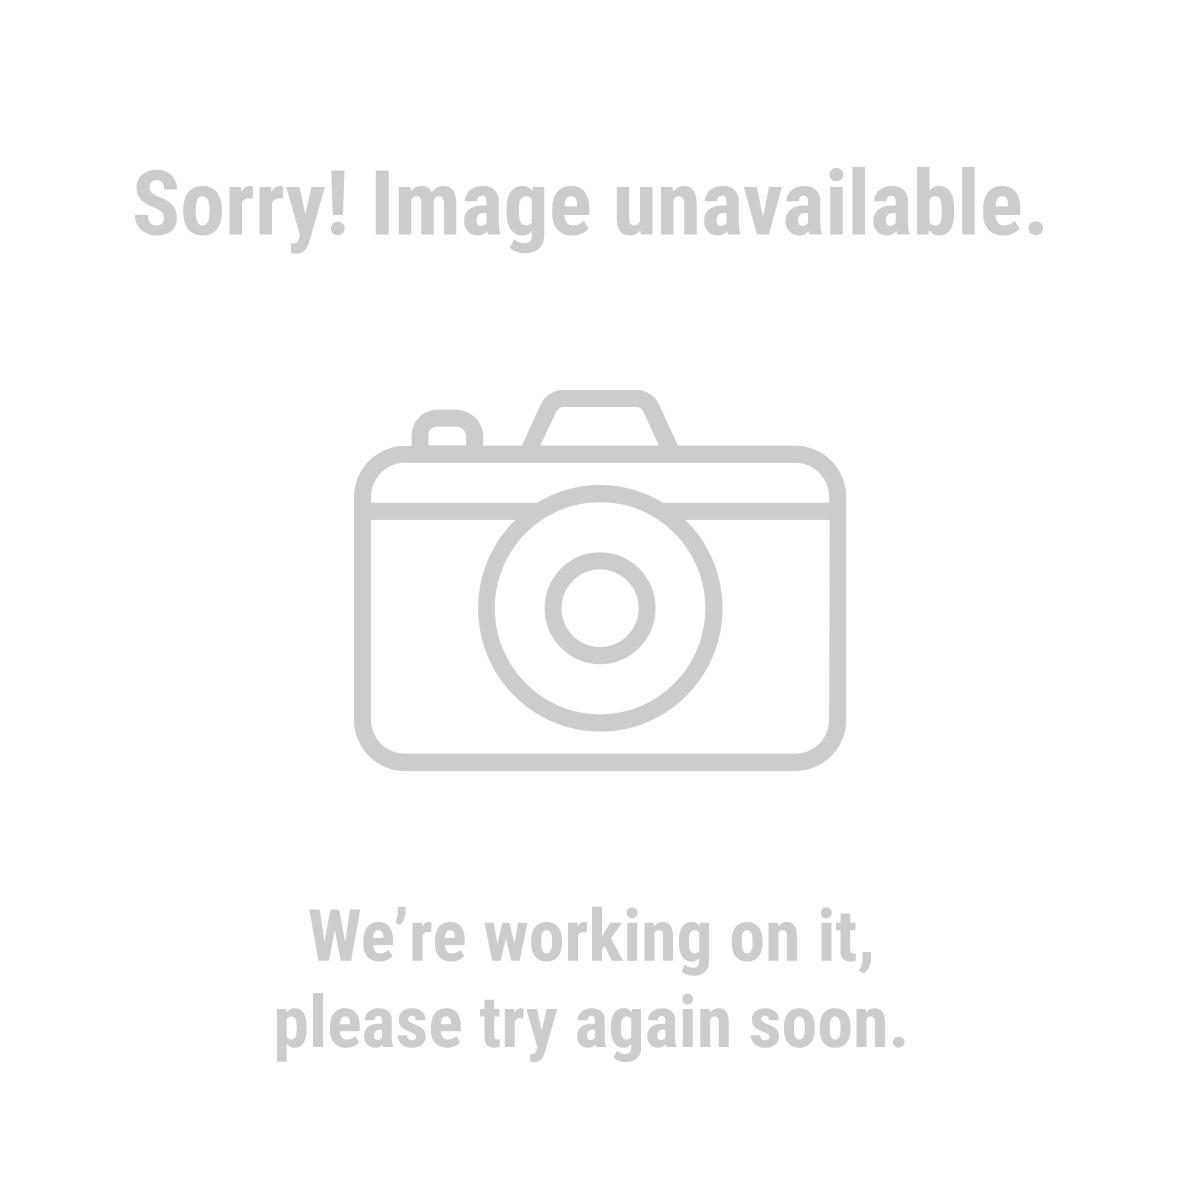 Ladder Rack 250 Lb Capacity Truck Ladder Rack